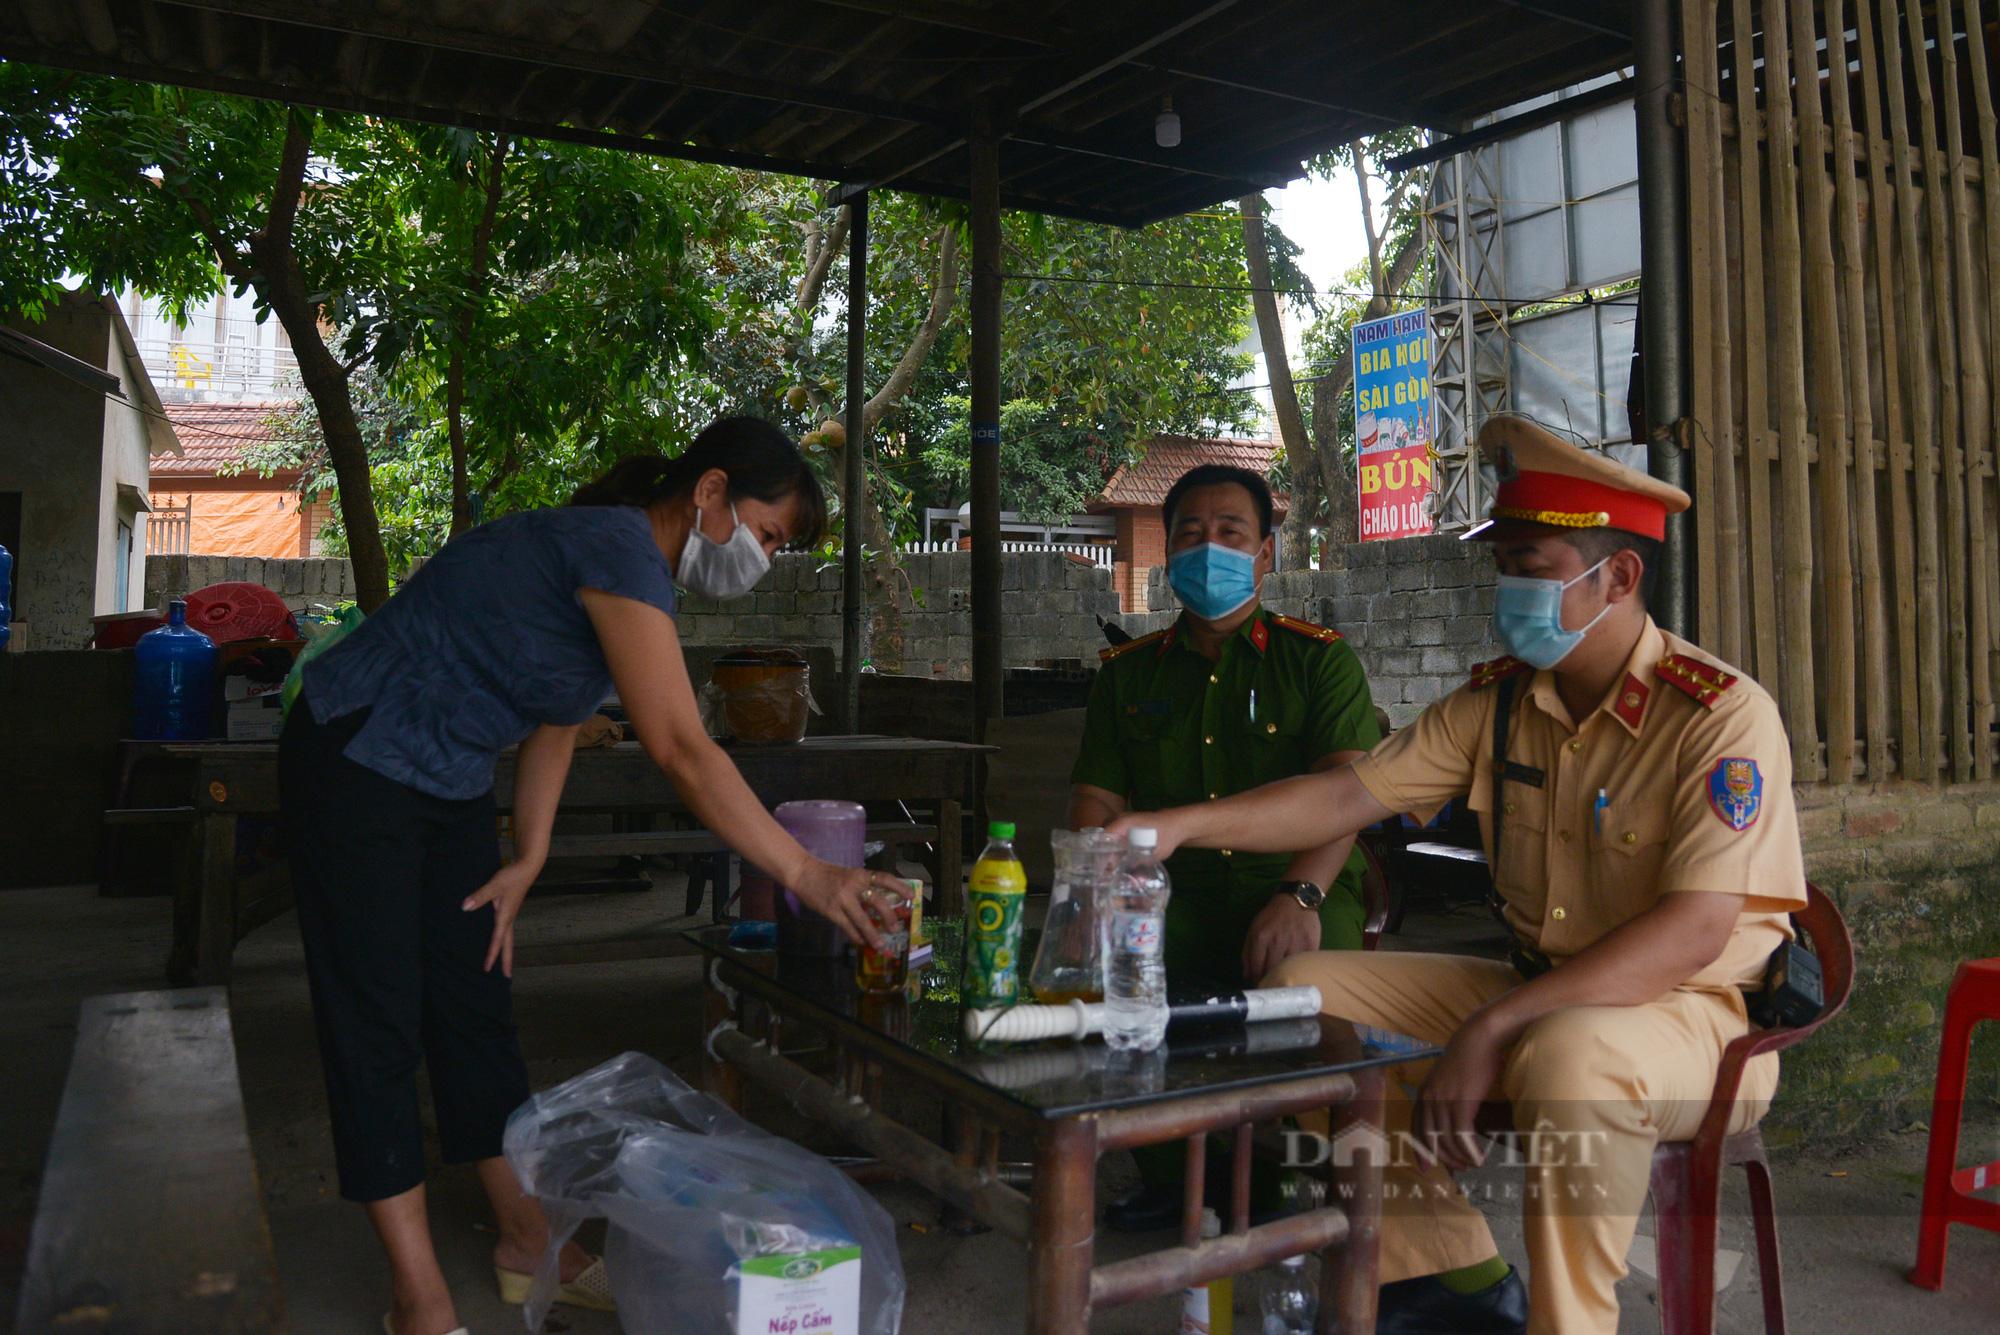 """Người dân Hà Nội nhường nhà, """"tiếp tế"""" cơm, nước uống chia sẻ với lực lượng làm nhiệm vụ phòng, chống dịch - Ảnh 7."""